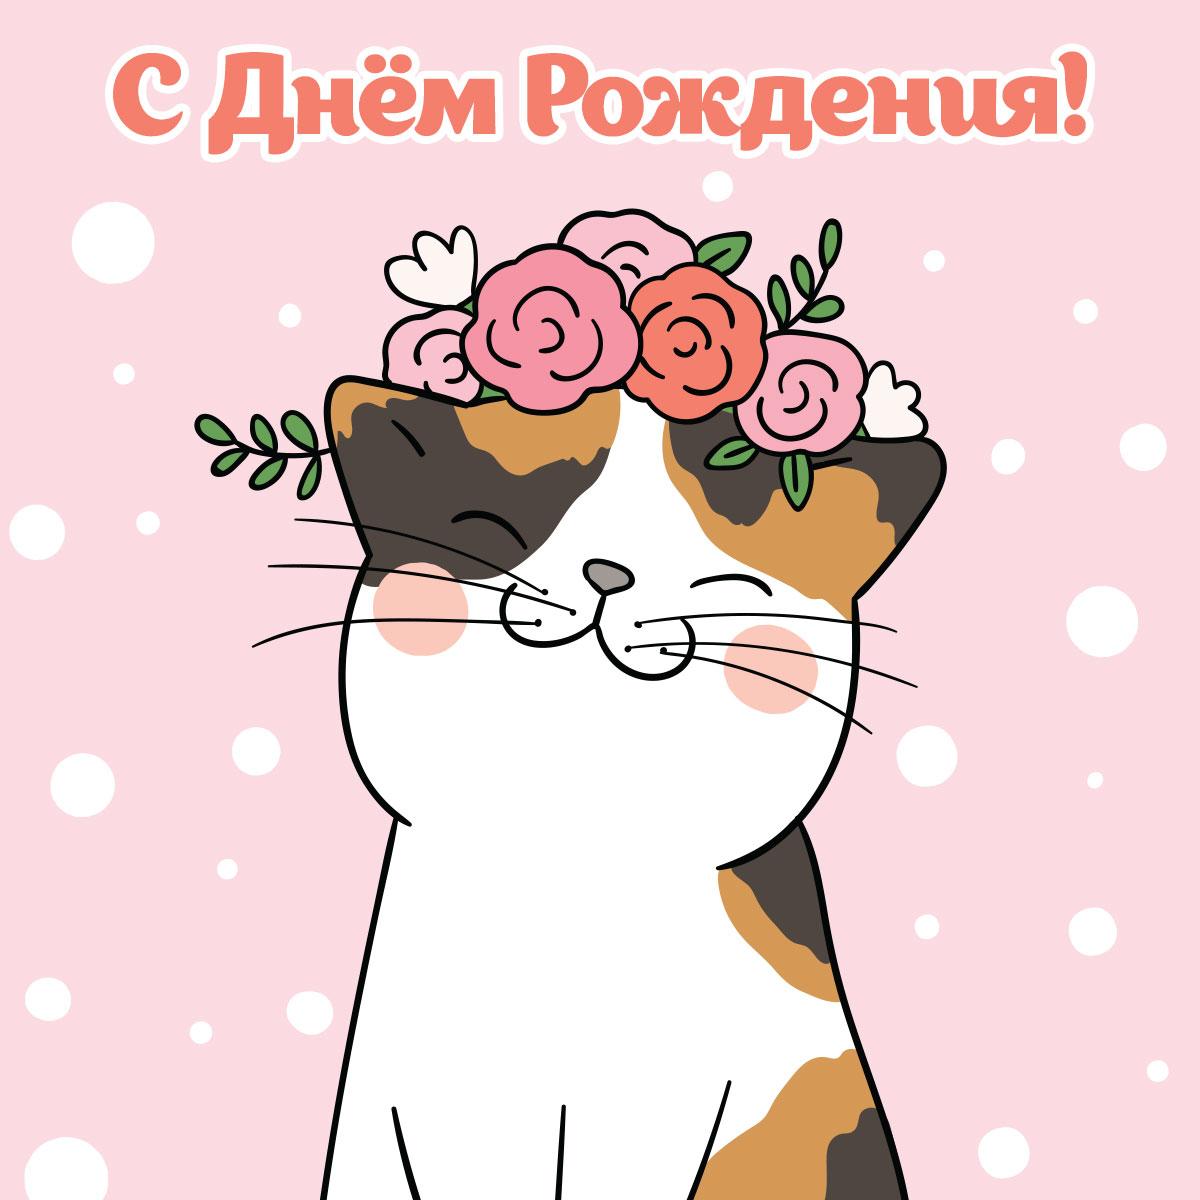 Кошка с довольной мордочкой на розовом фоне поздравляет с днем рождения.